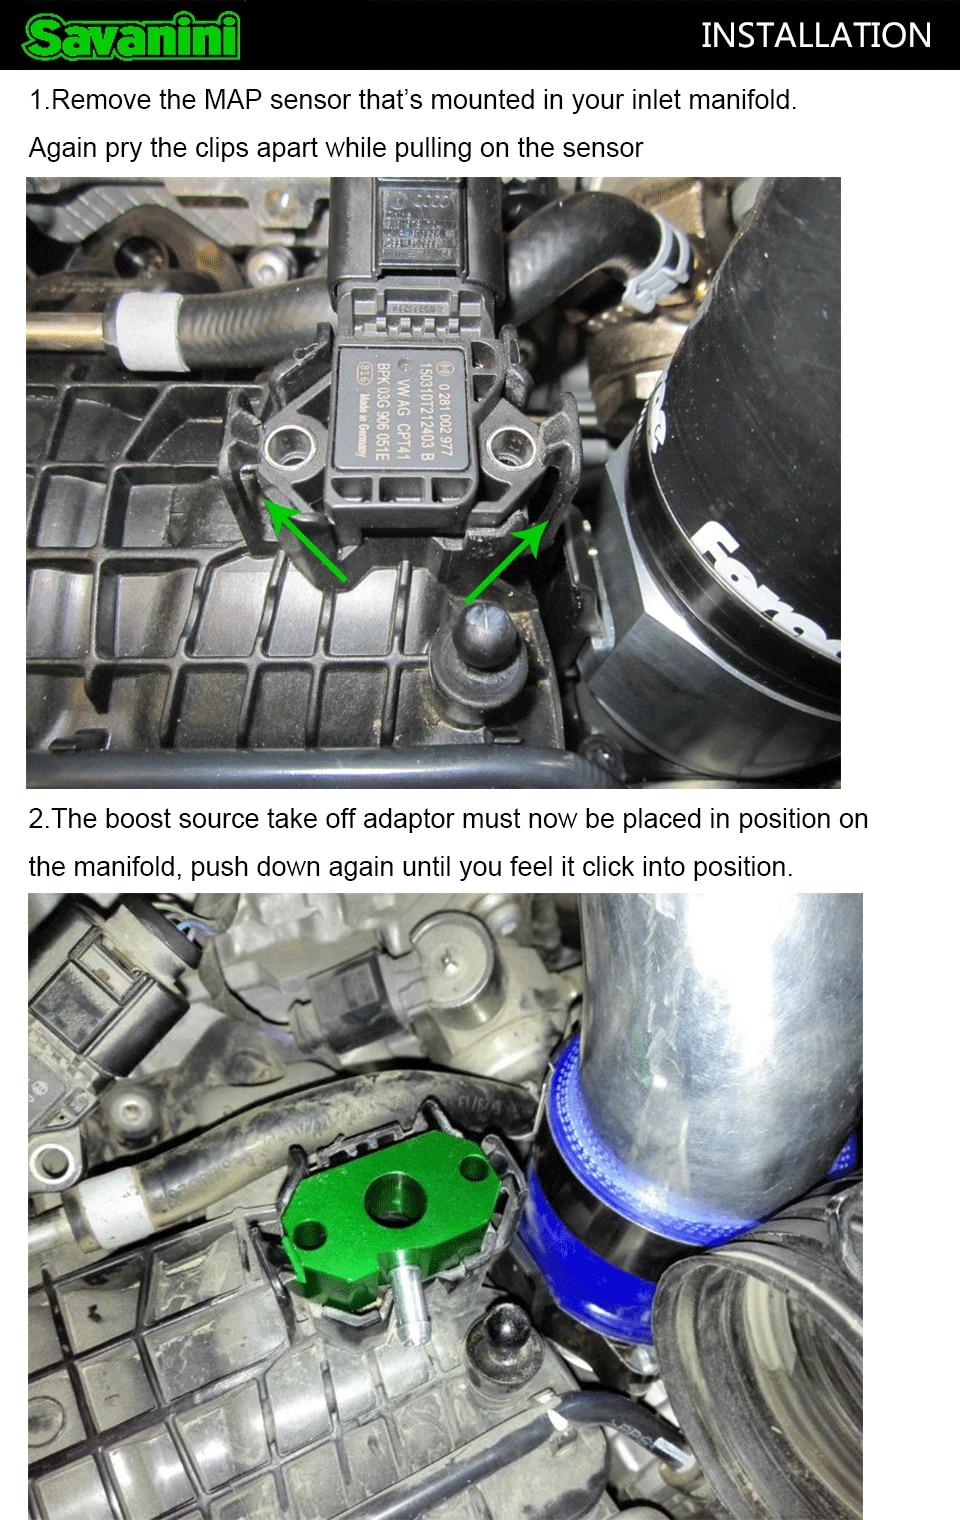 Turbo boost tap vácuo adaptador de alumínio